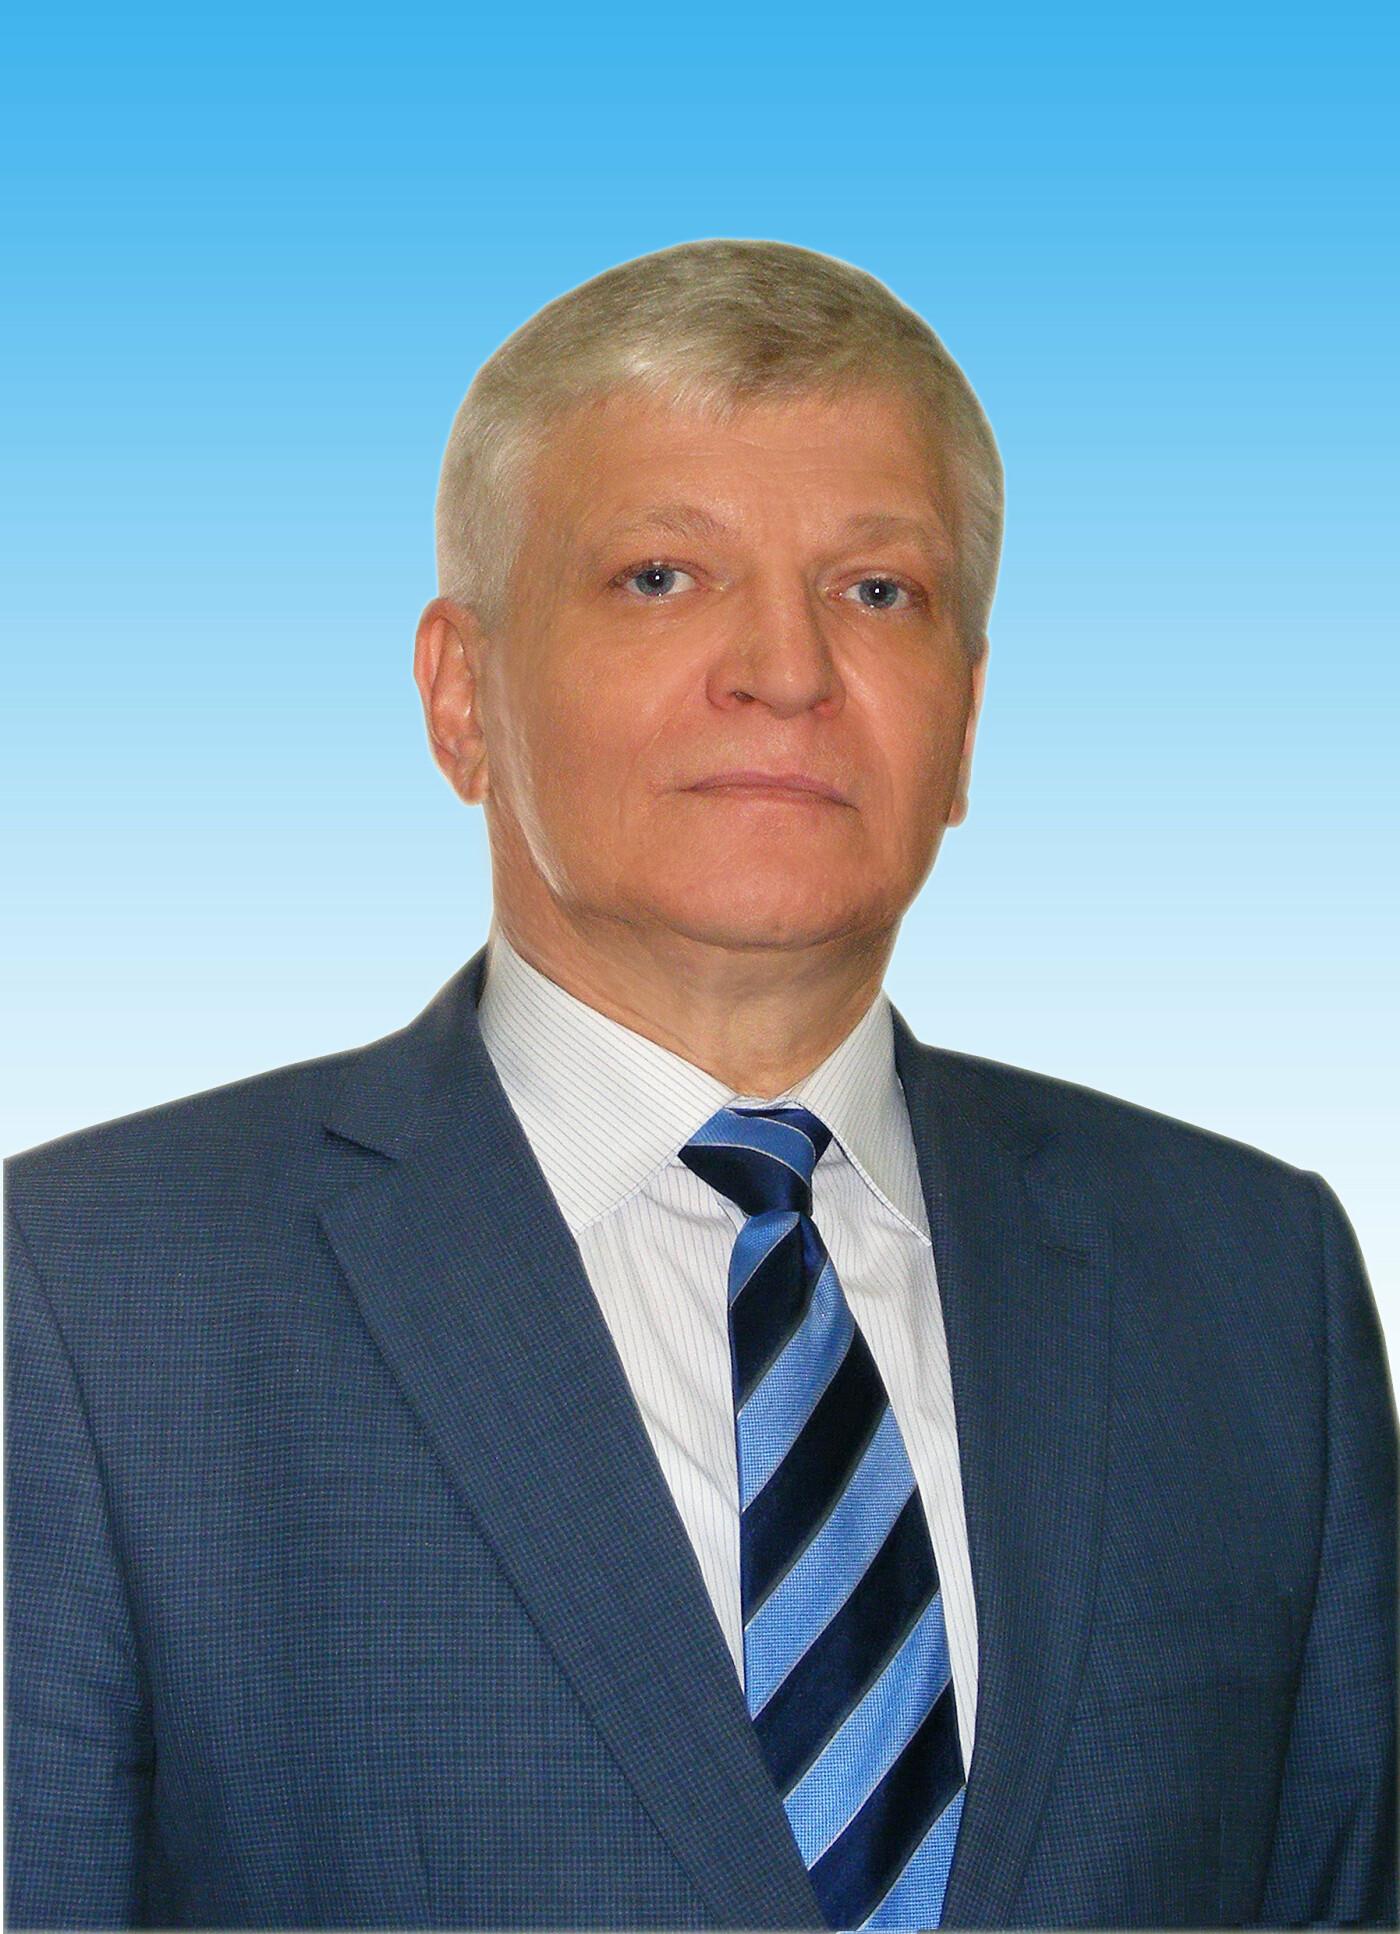 Мер Чернігова назвав кандидатури своїх заступників та секретаря міськради у новому скликанні, фото-3